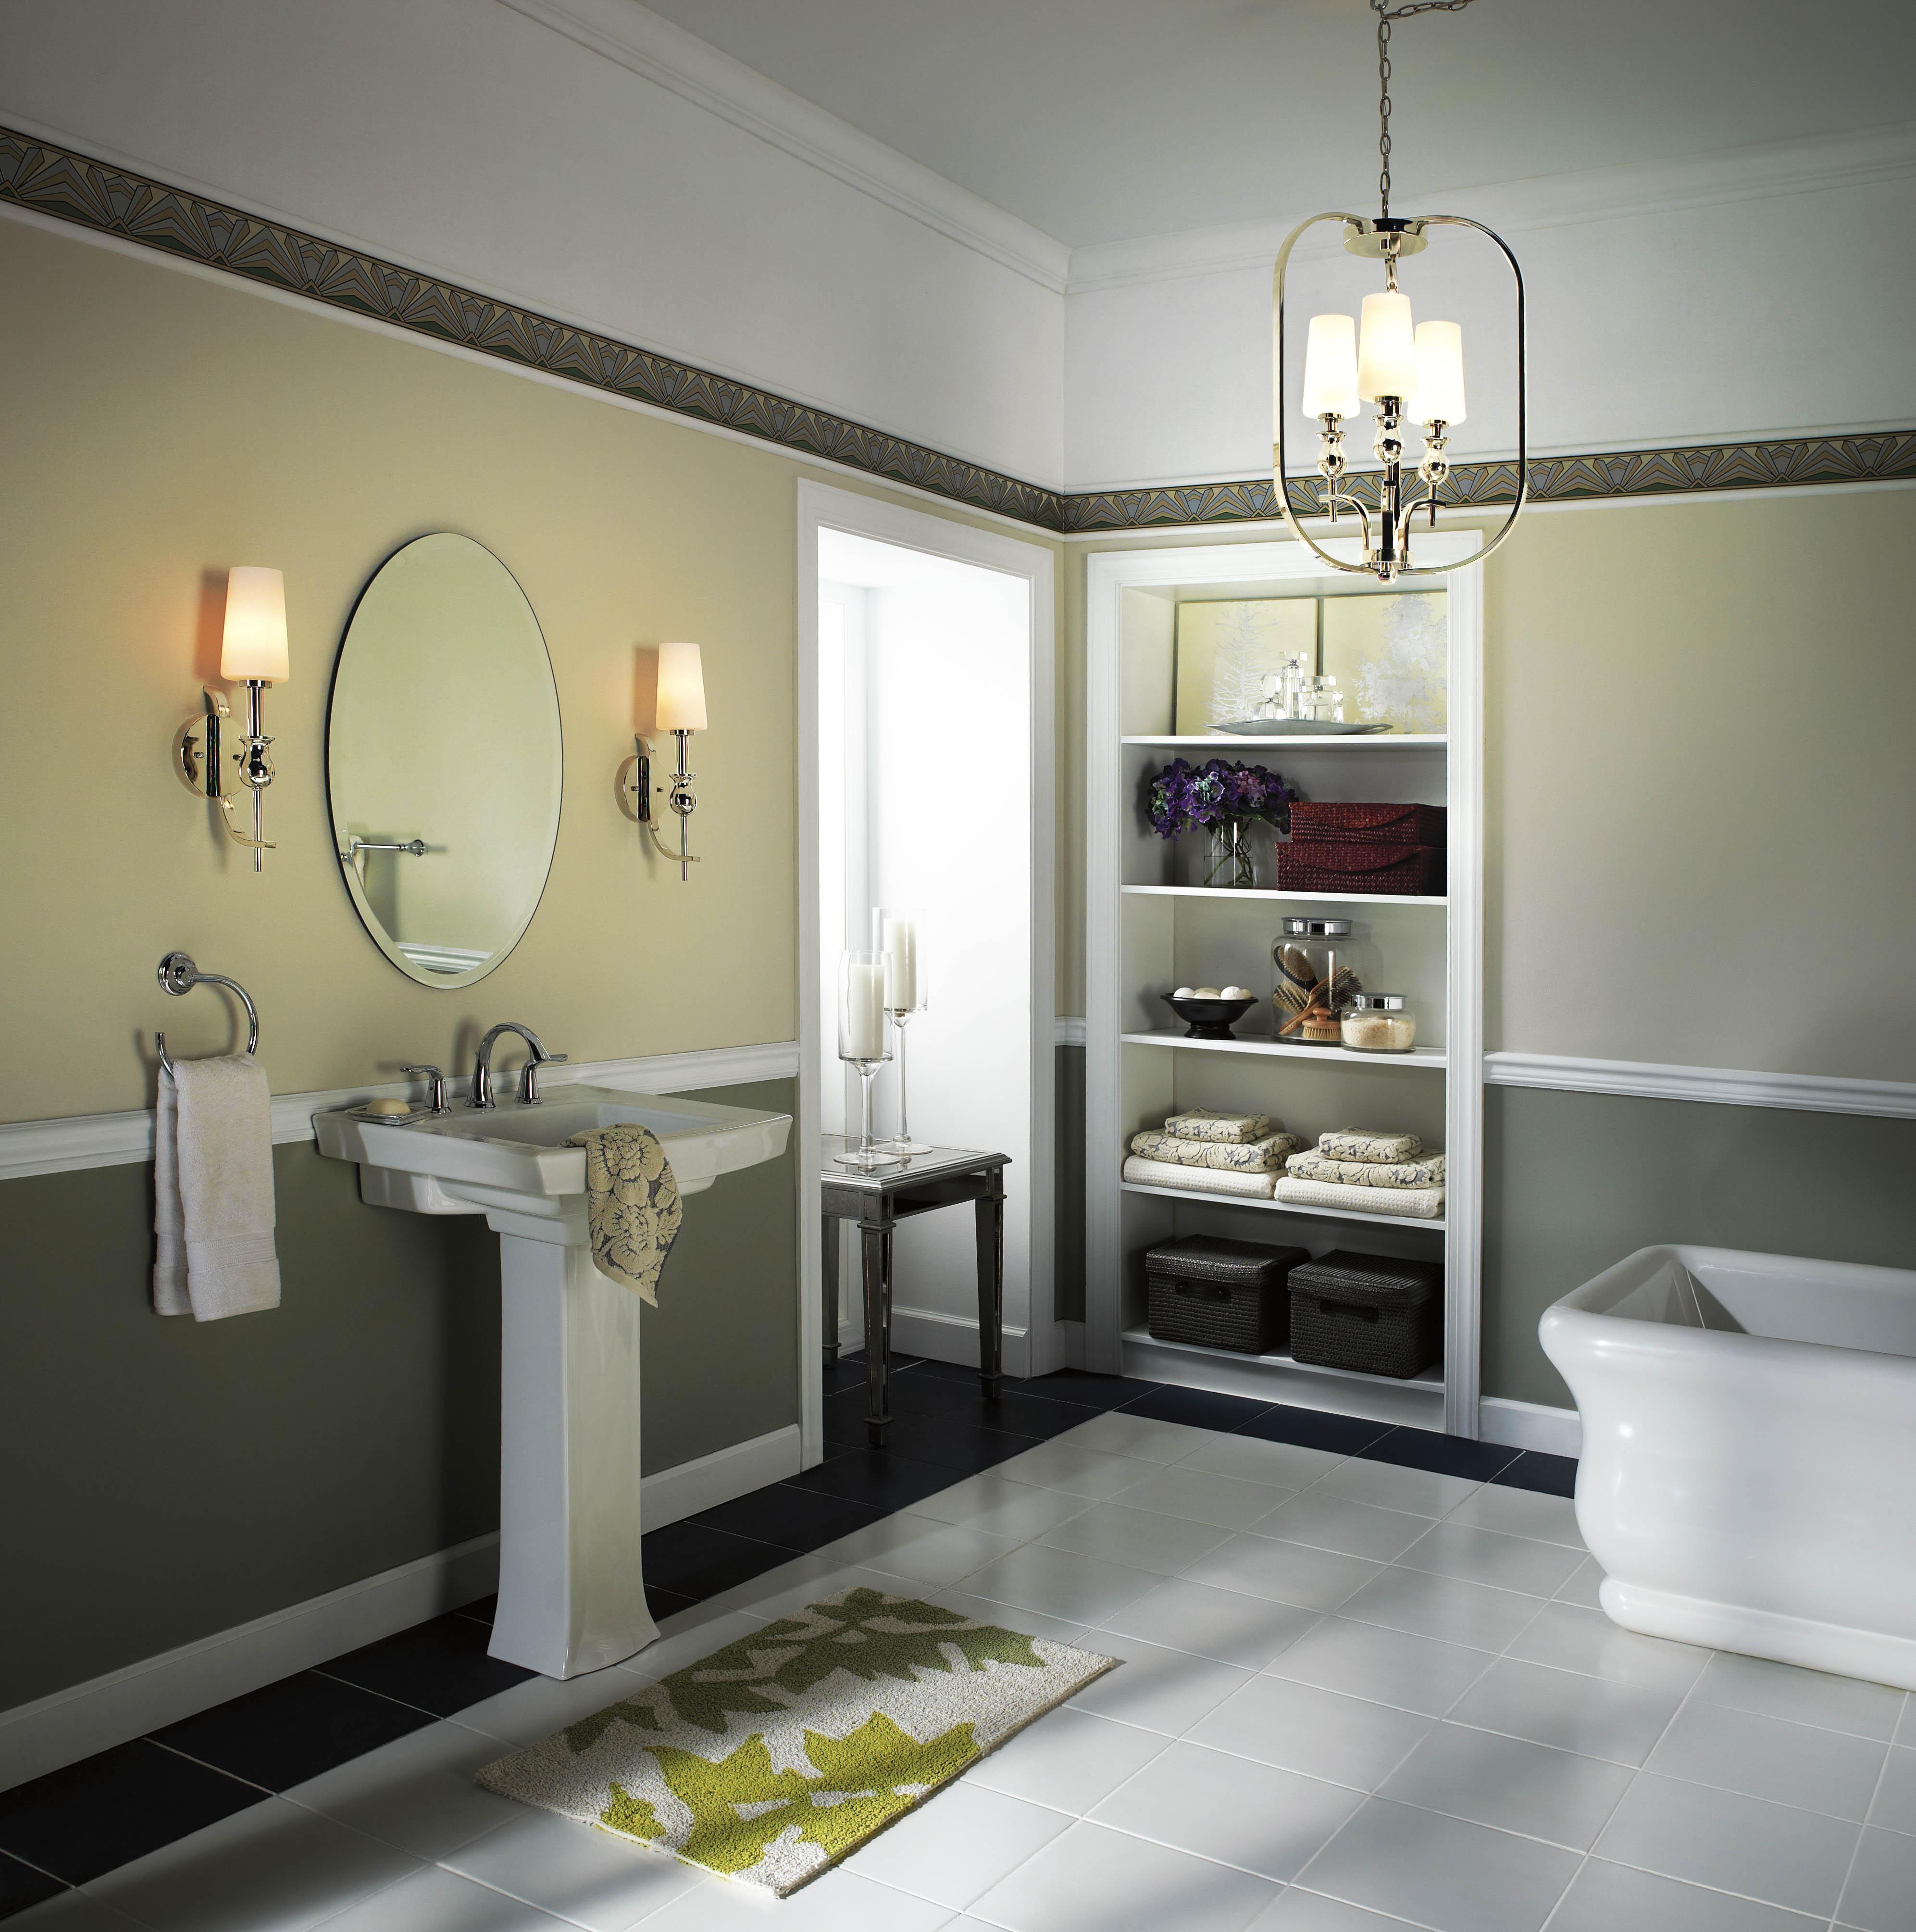 Retro Bathroom Lights Retro Bathroom Light (View 13 of 20)